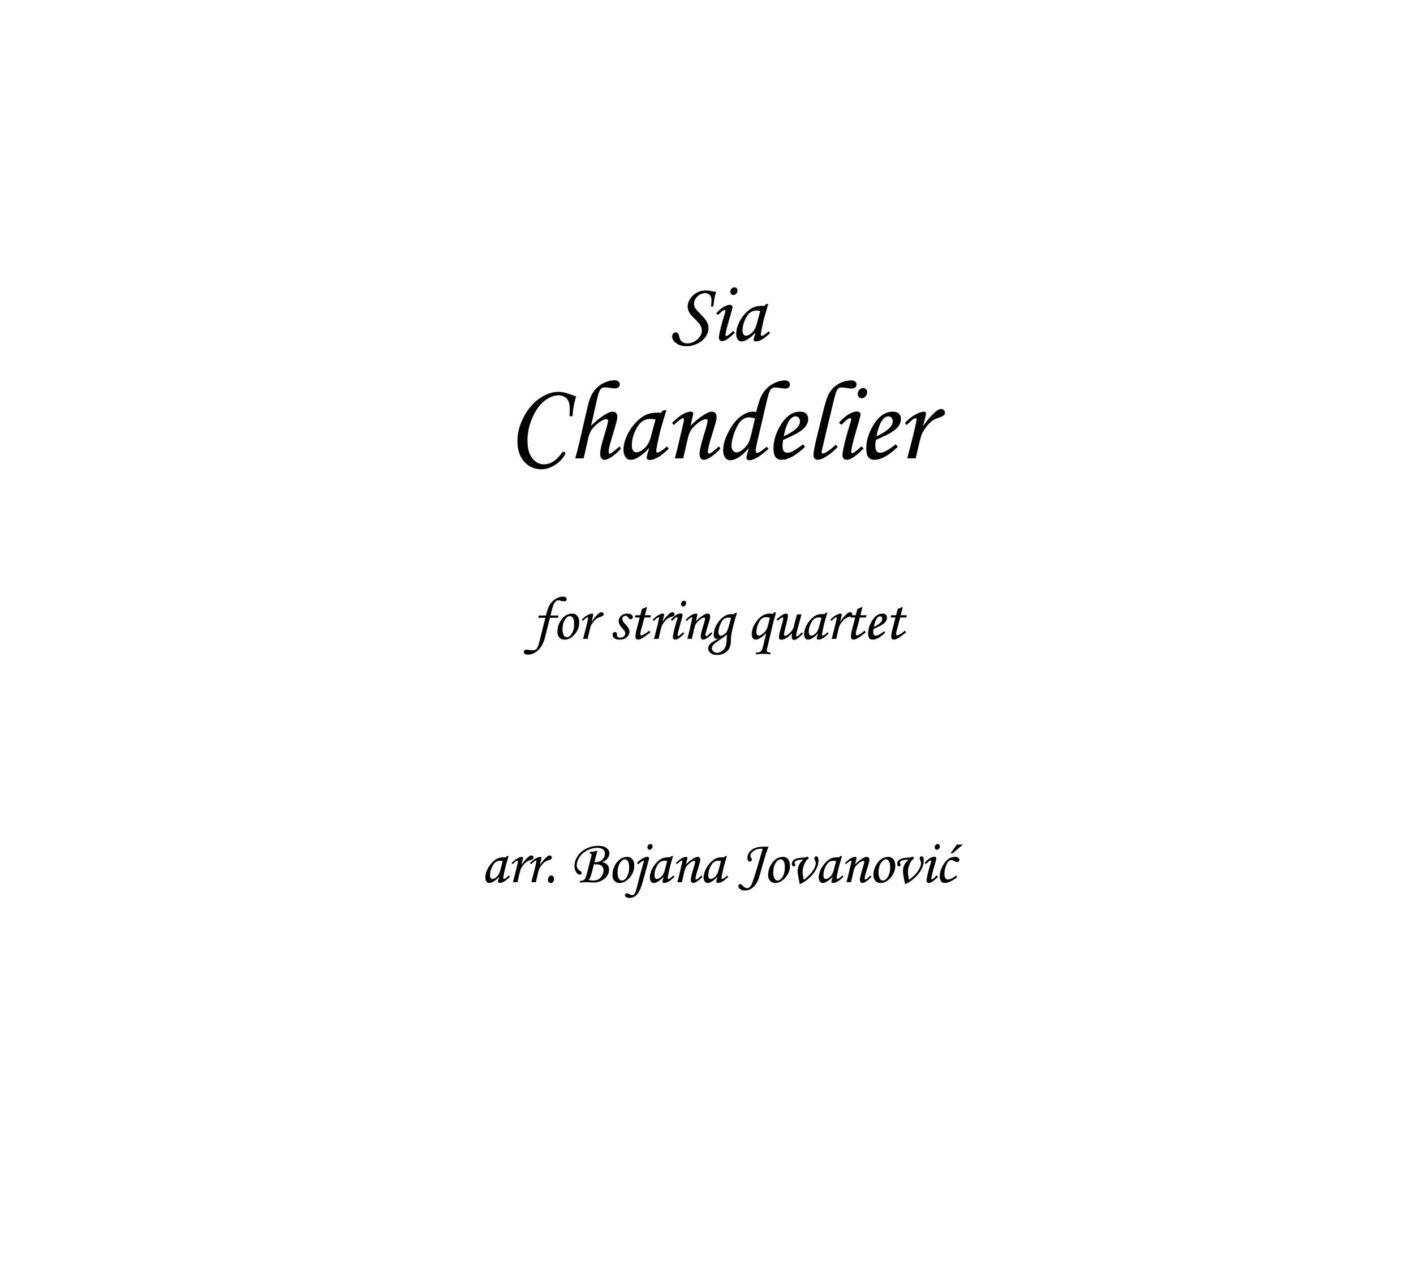 Chandelier Sheet music - Sia - for String Quartet - Violin - Viola ...